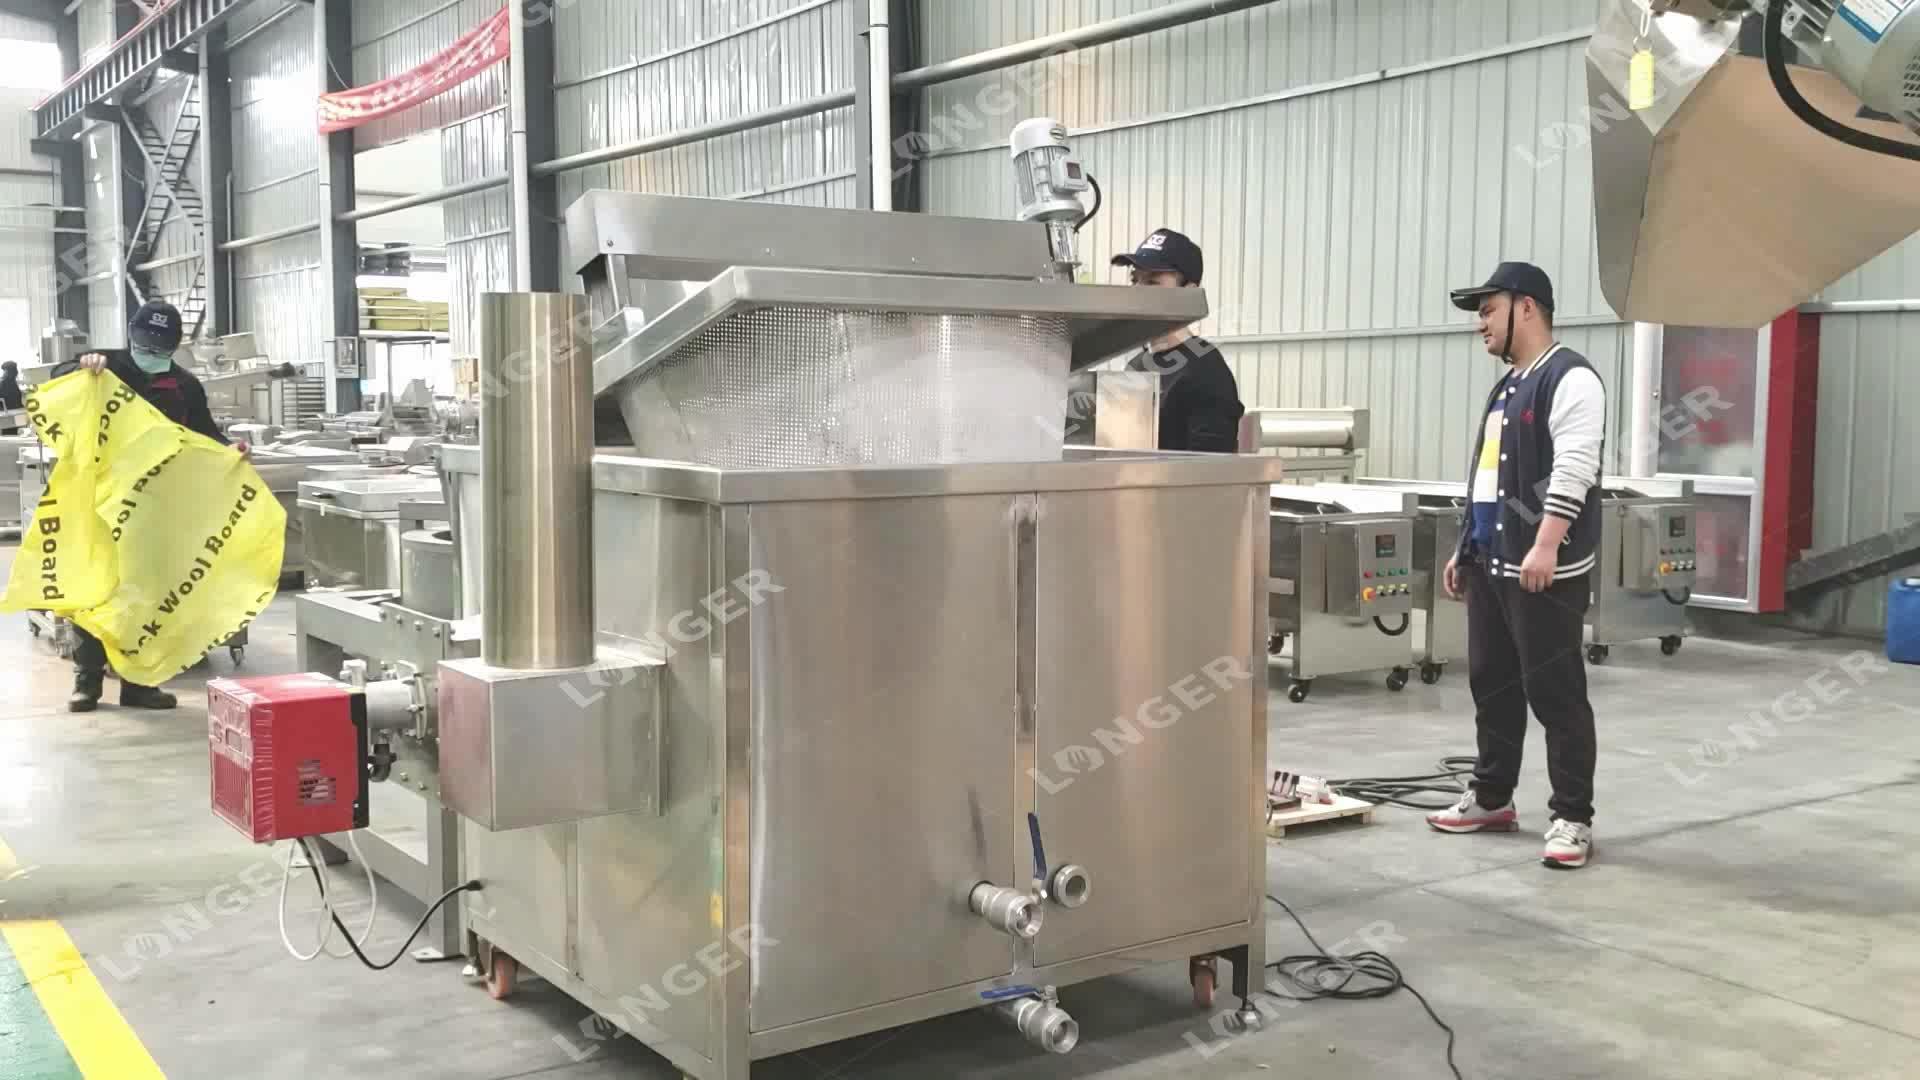 دونات آلة القلي | ماكينة إعداد الدونت من الفولاذ المقاوم للصدأ |